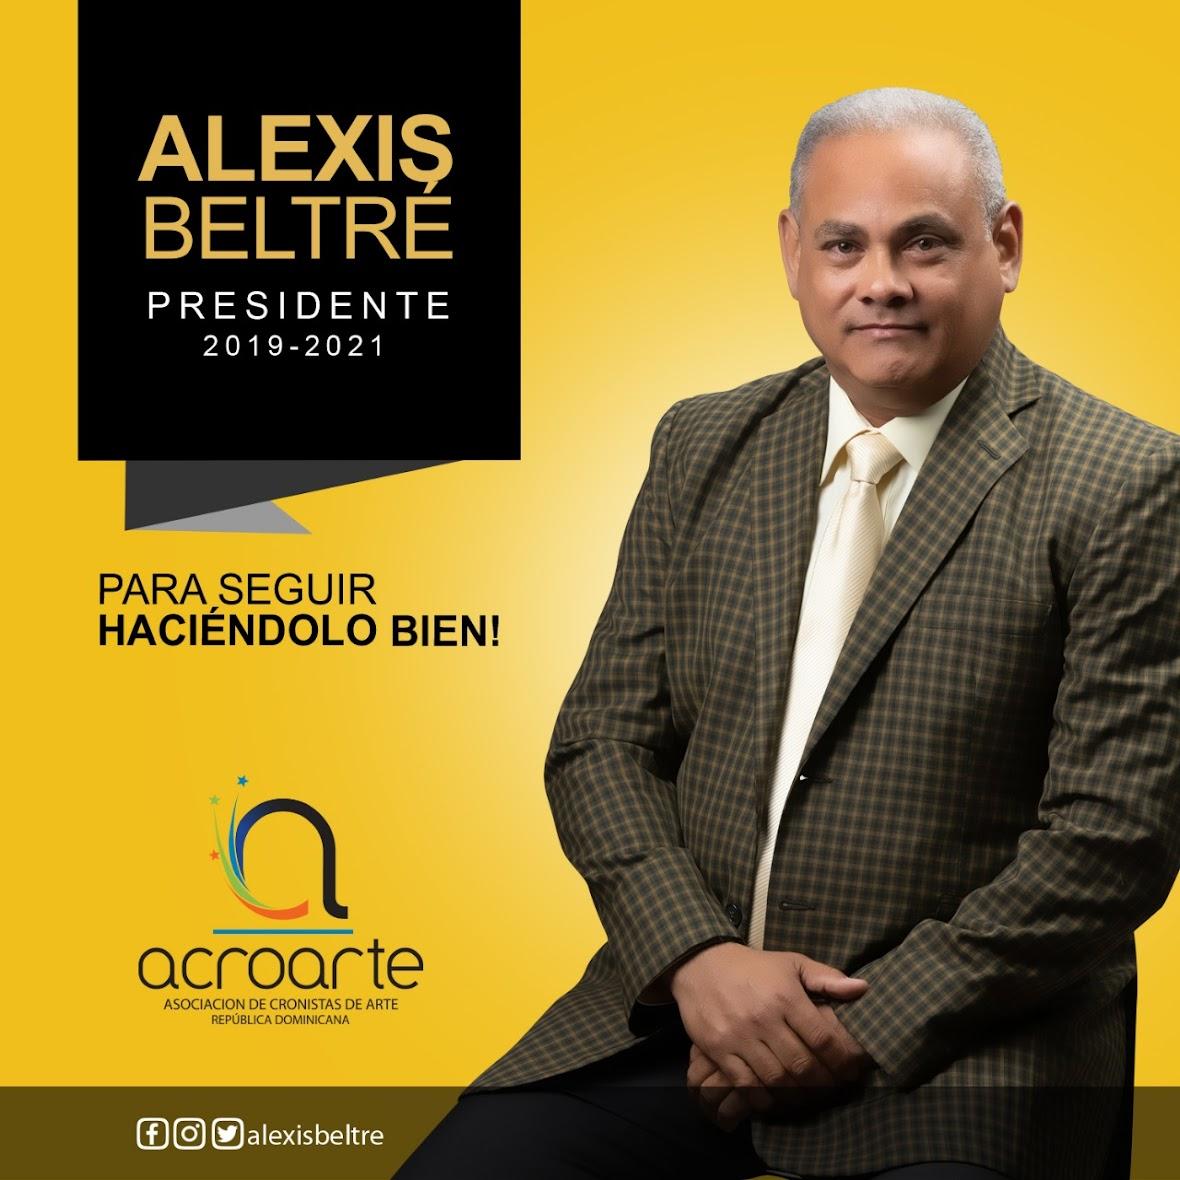 ALEXIS BELTRÉ